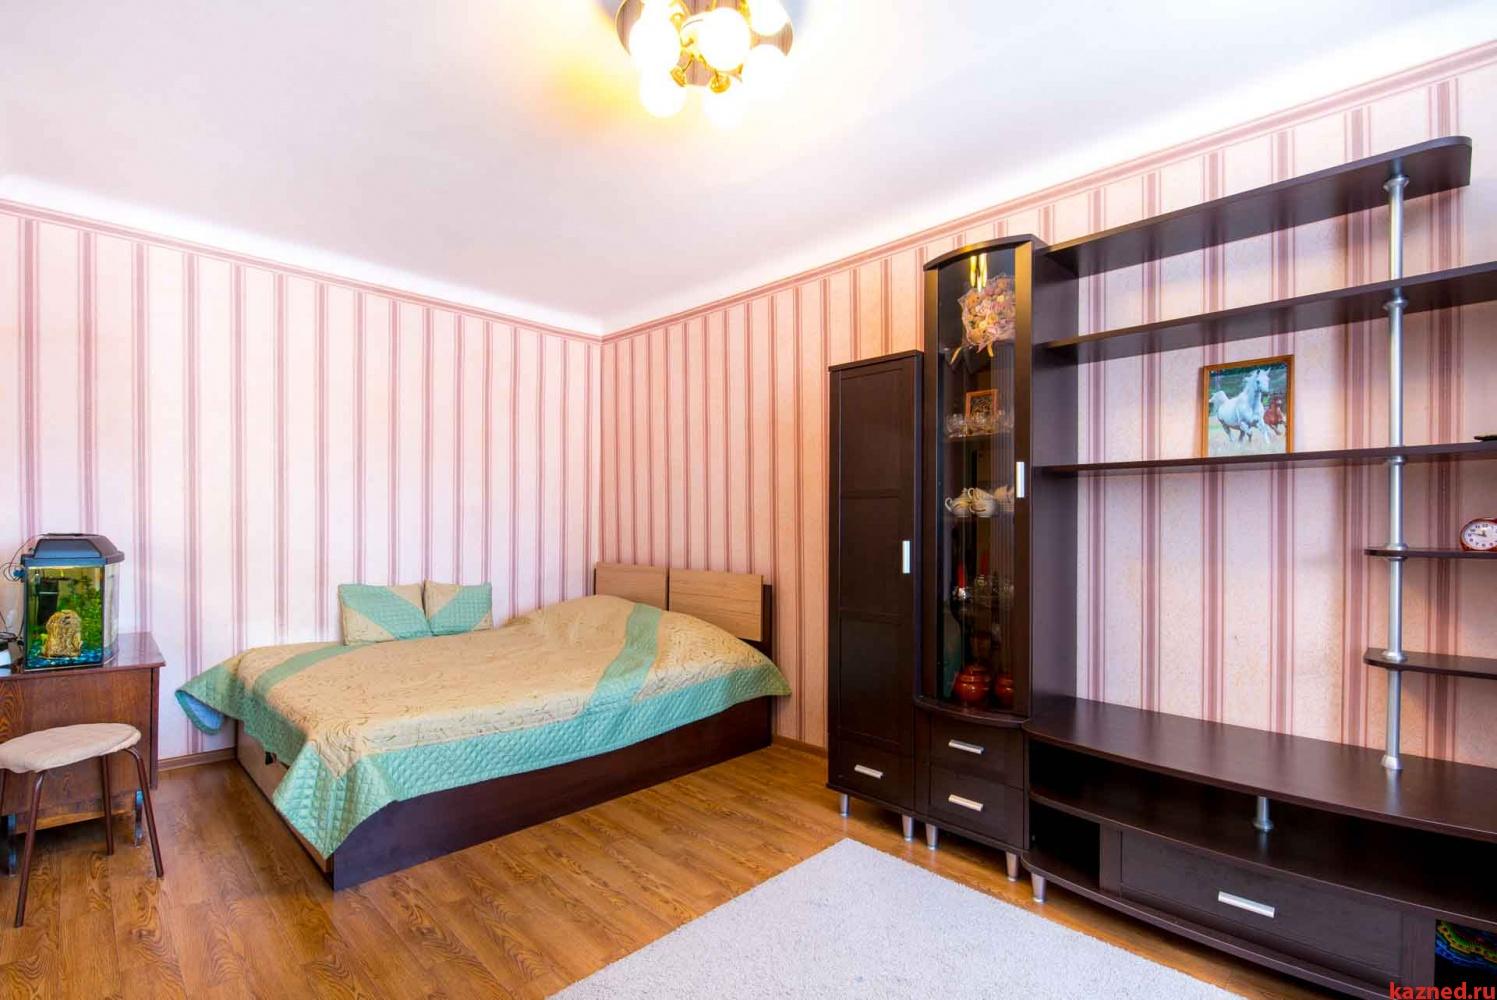 Продажа 1-к квартиры Качалова 82/19, 31 м²  (миниатюра №3)